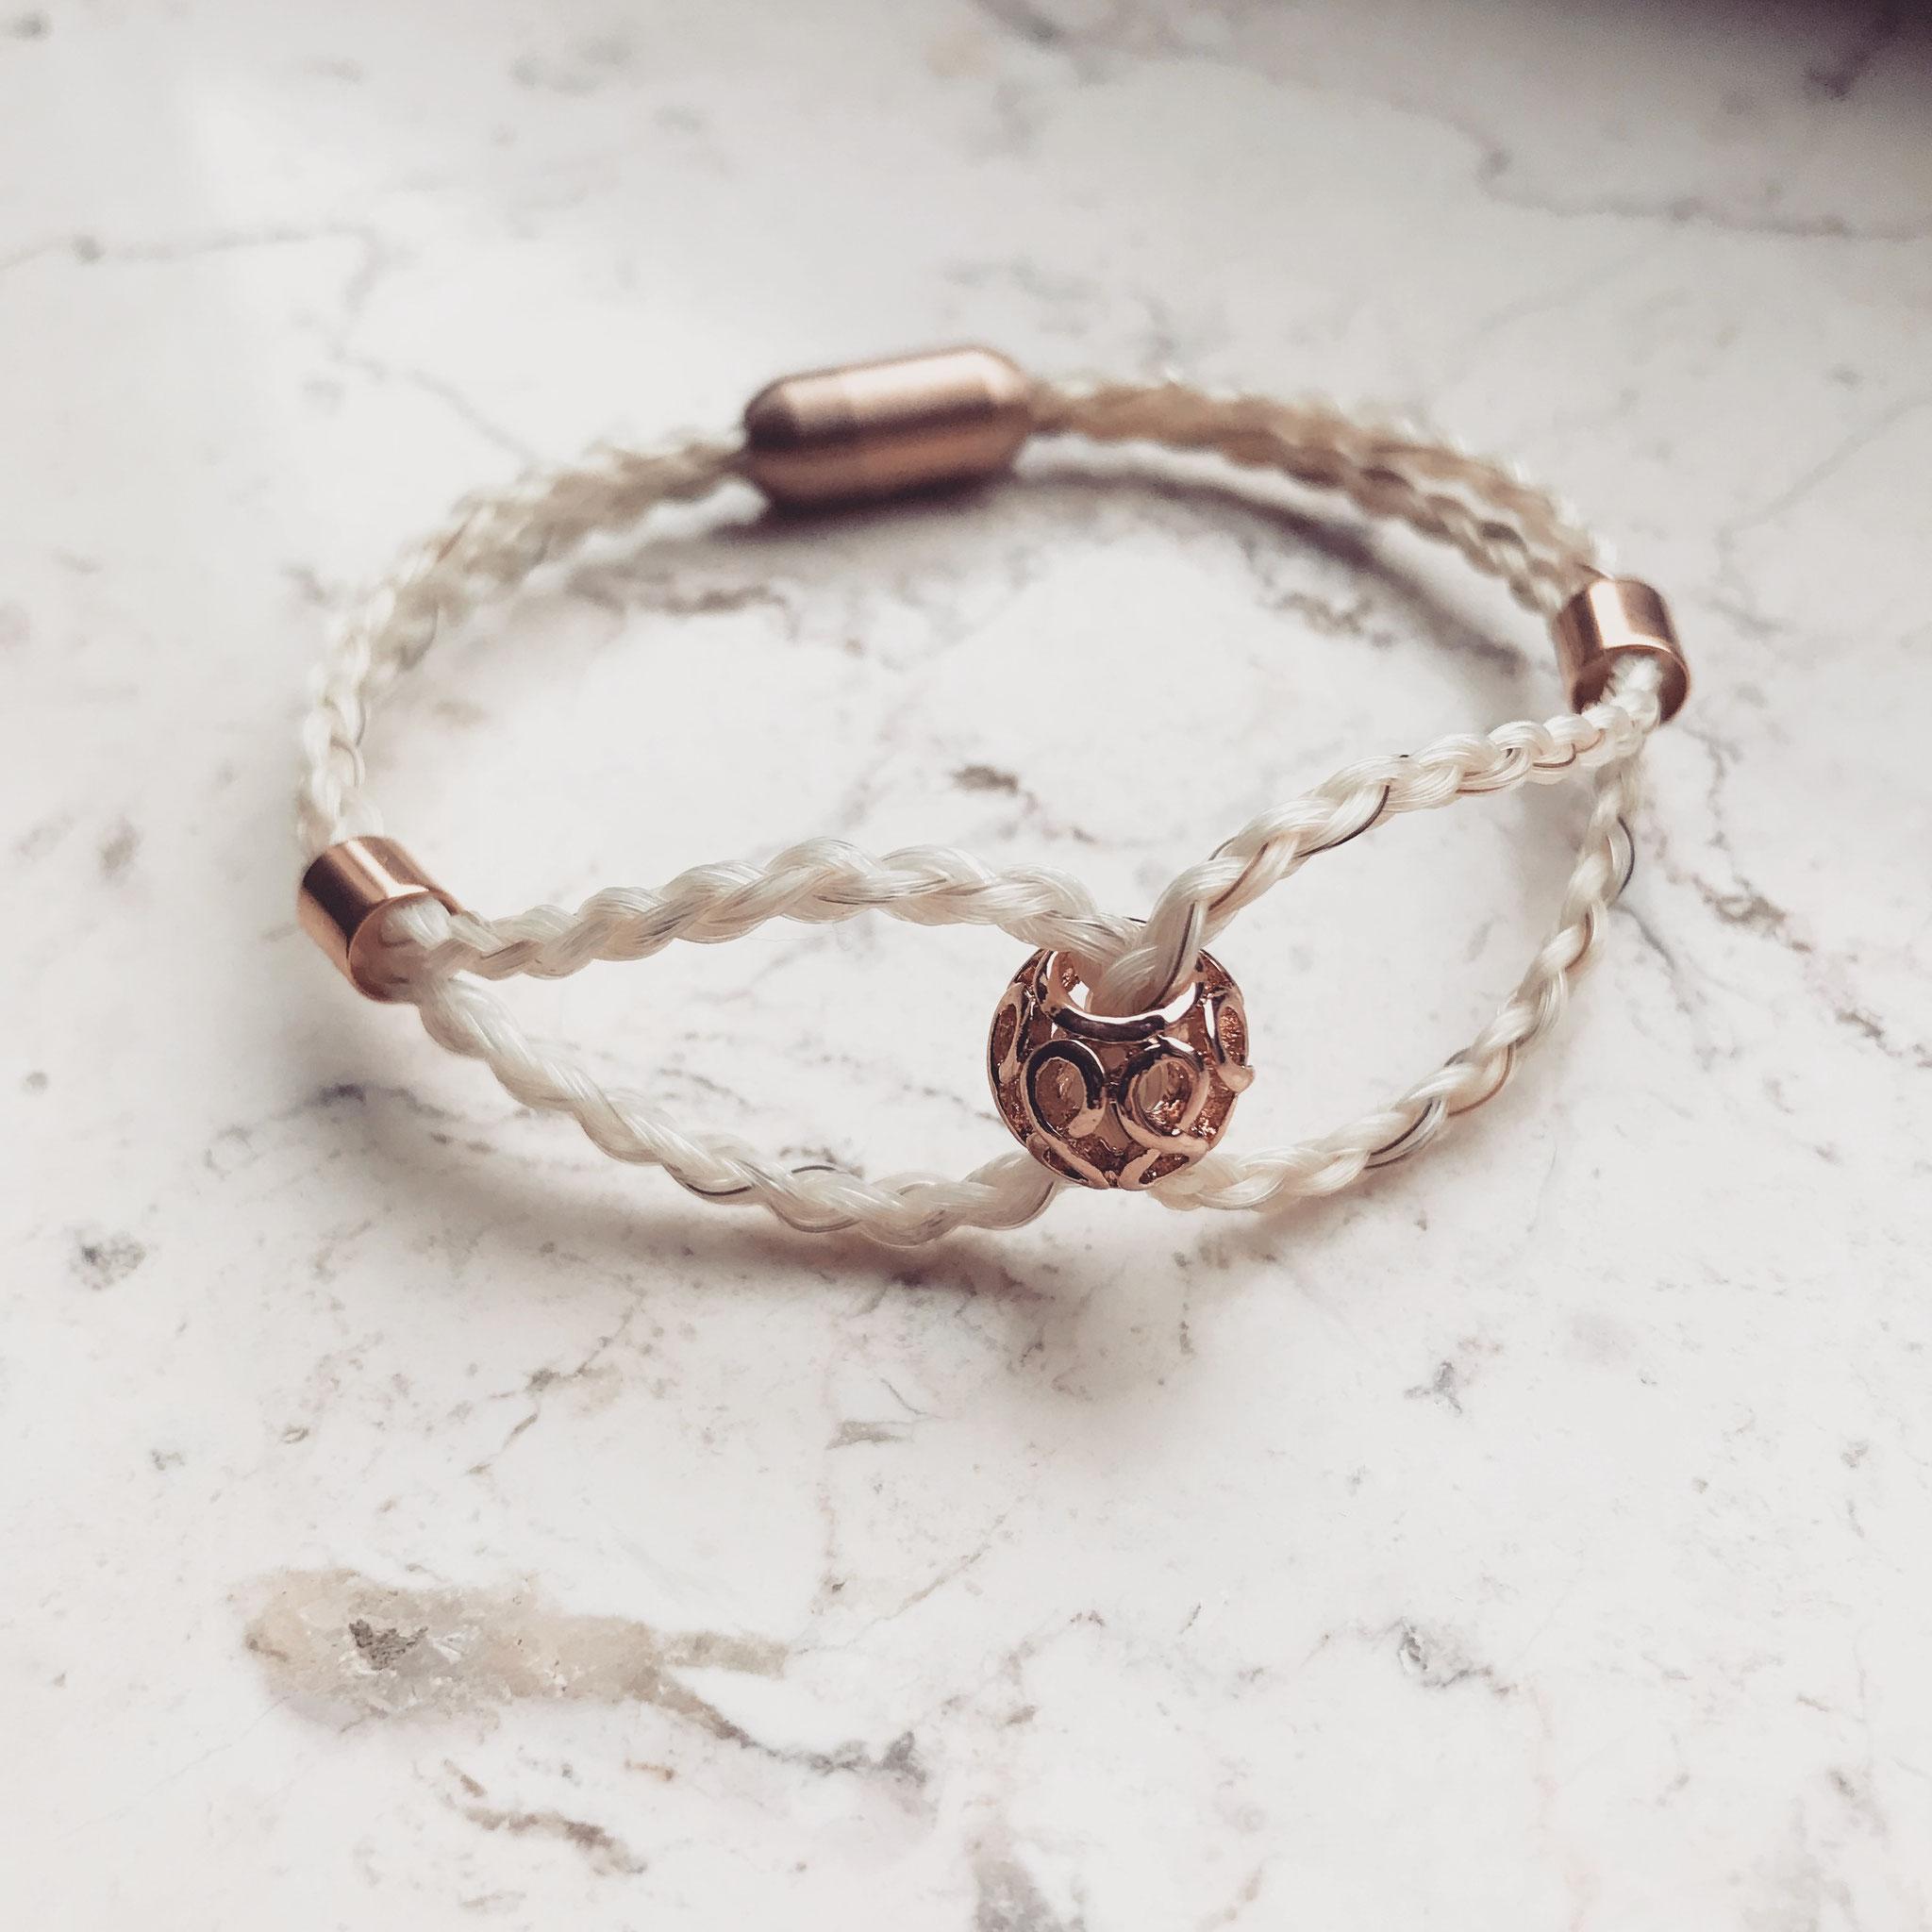 Schleifenarmband, 4-fach rund geflochten mit rosé Perlen und Edelstahl Magnetverschluss.